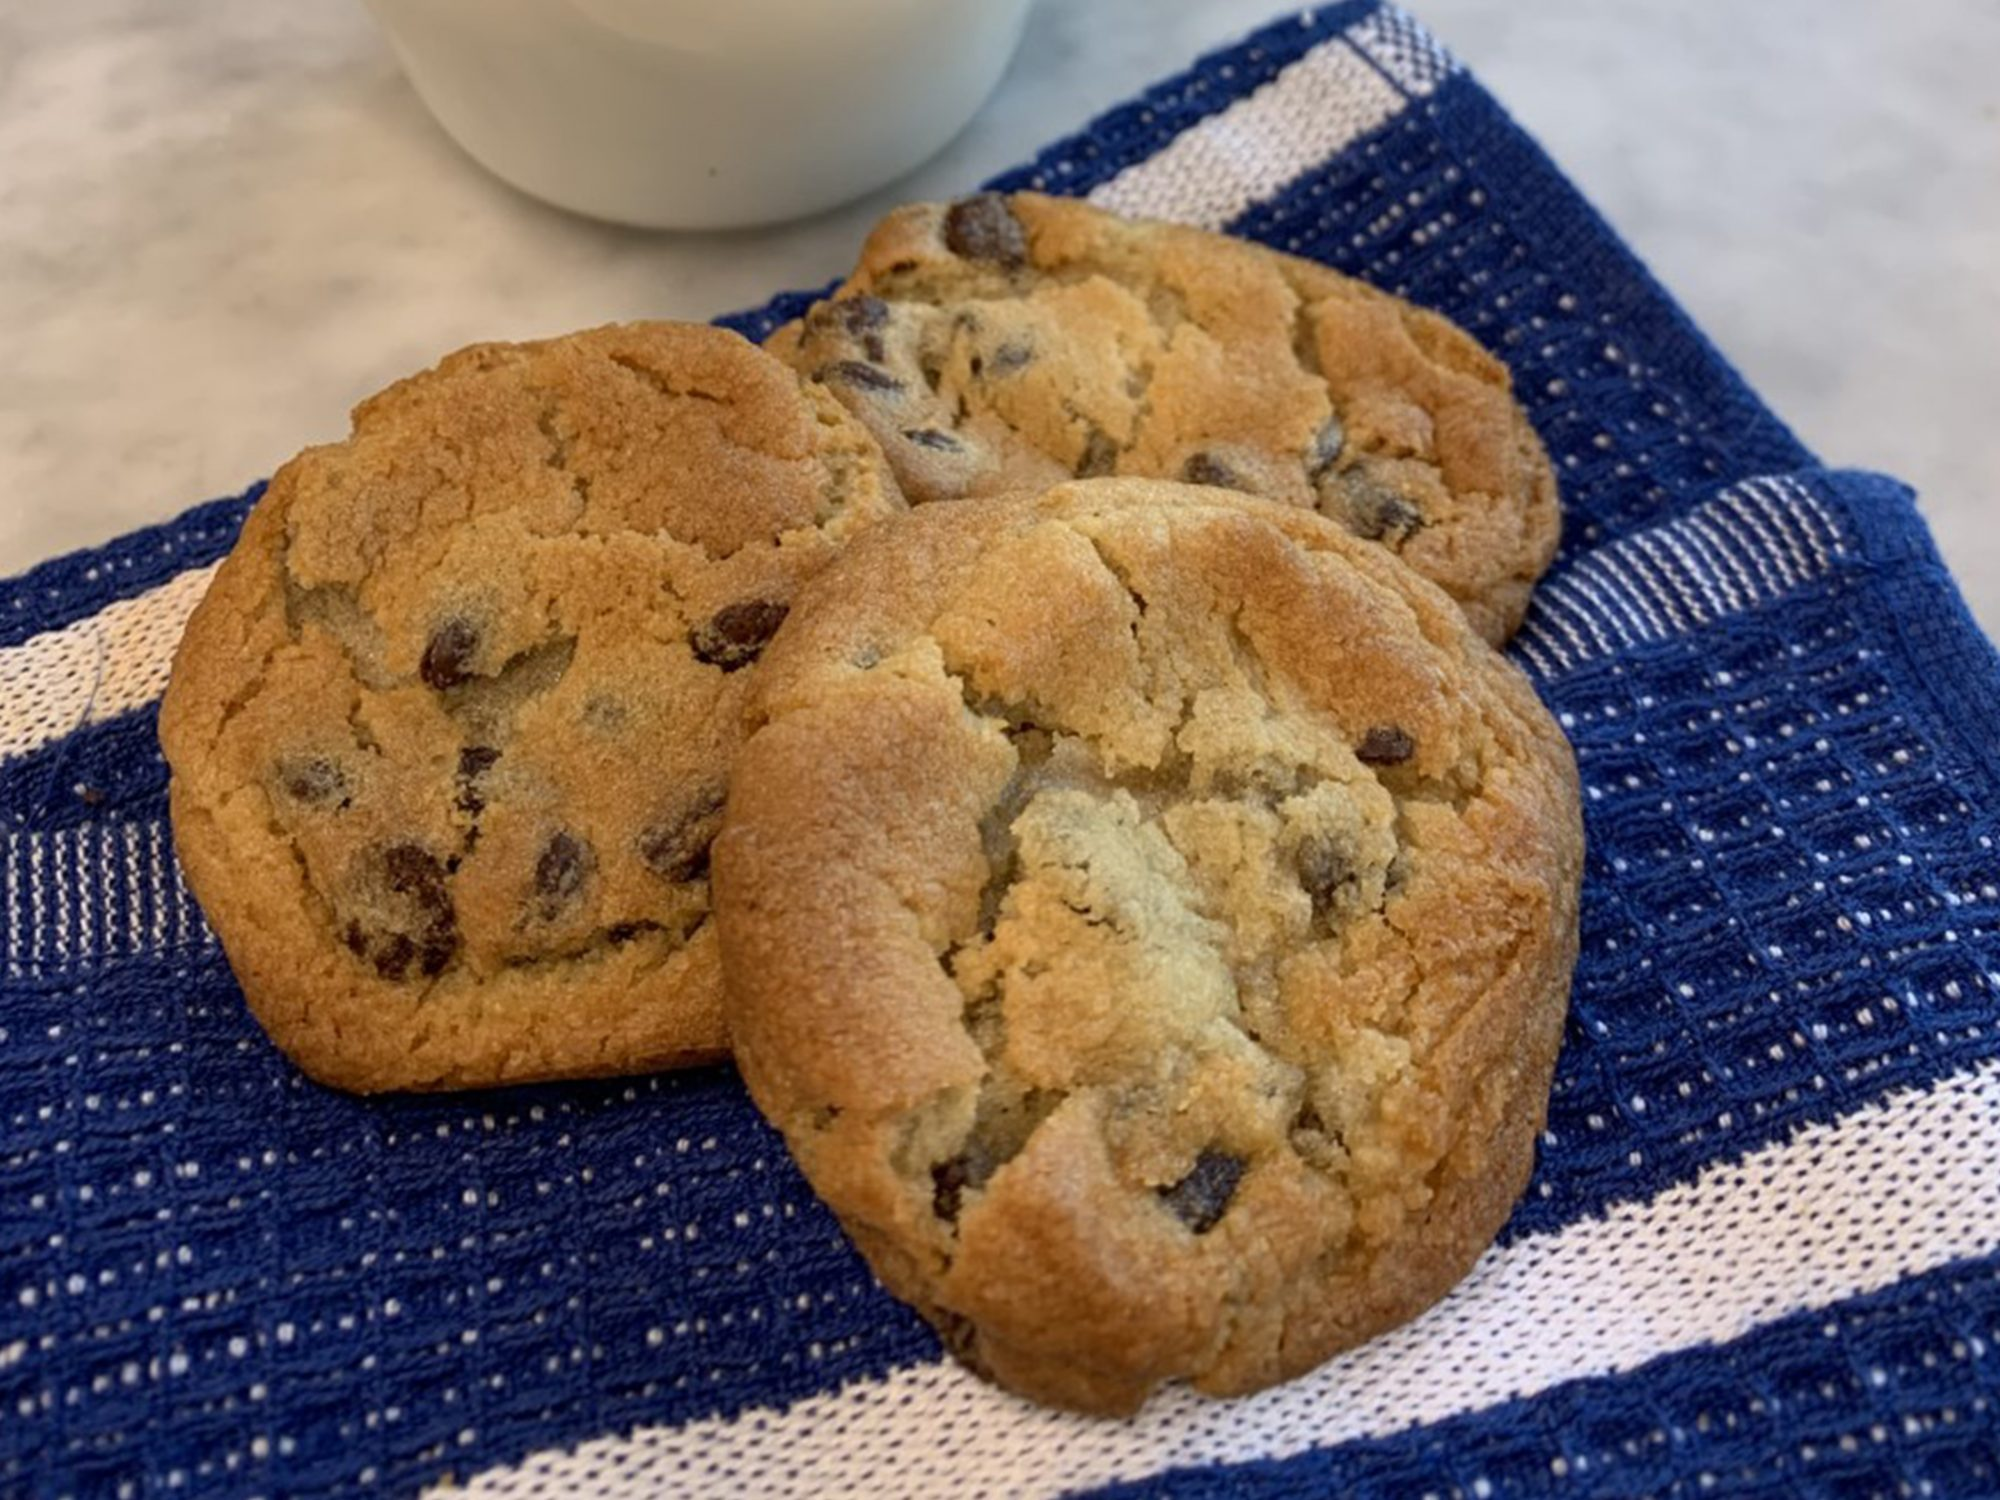 Air-Fried Cookies image